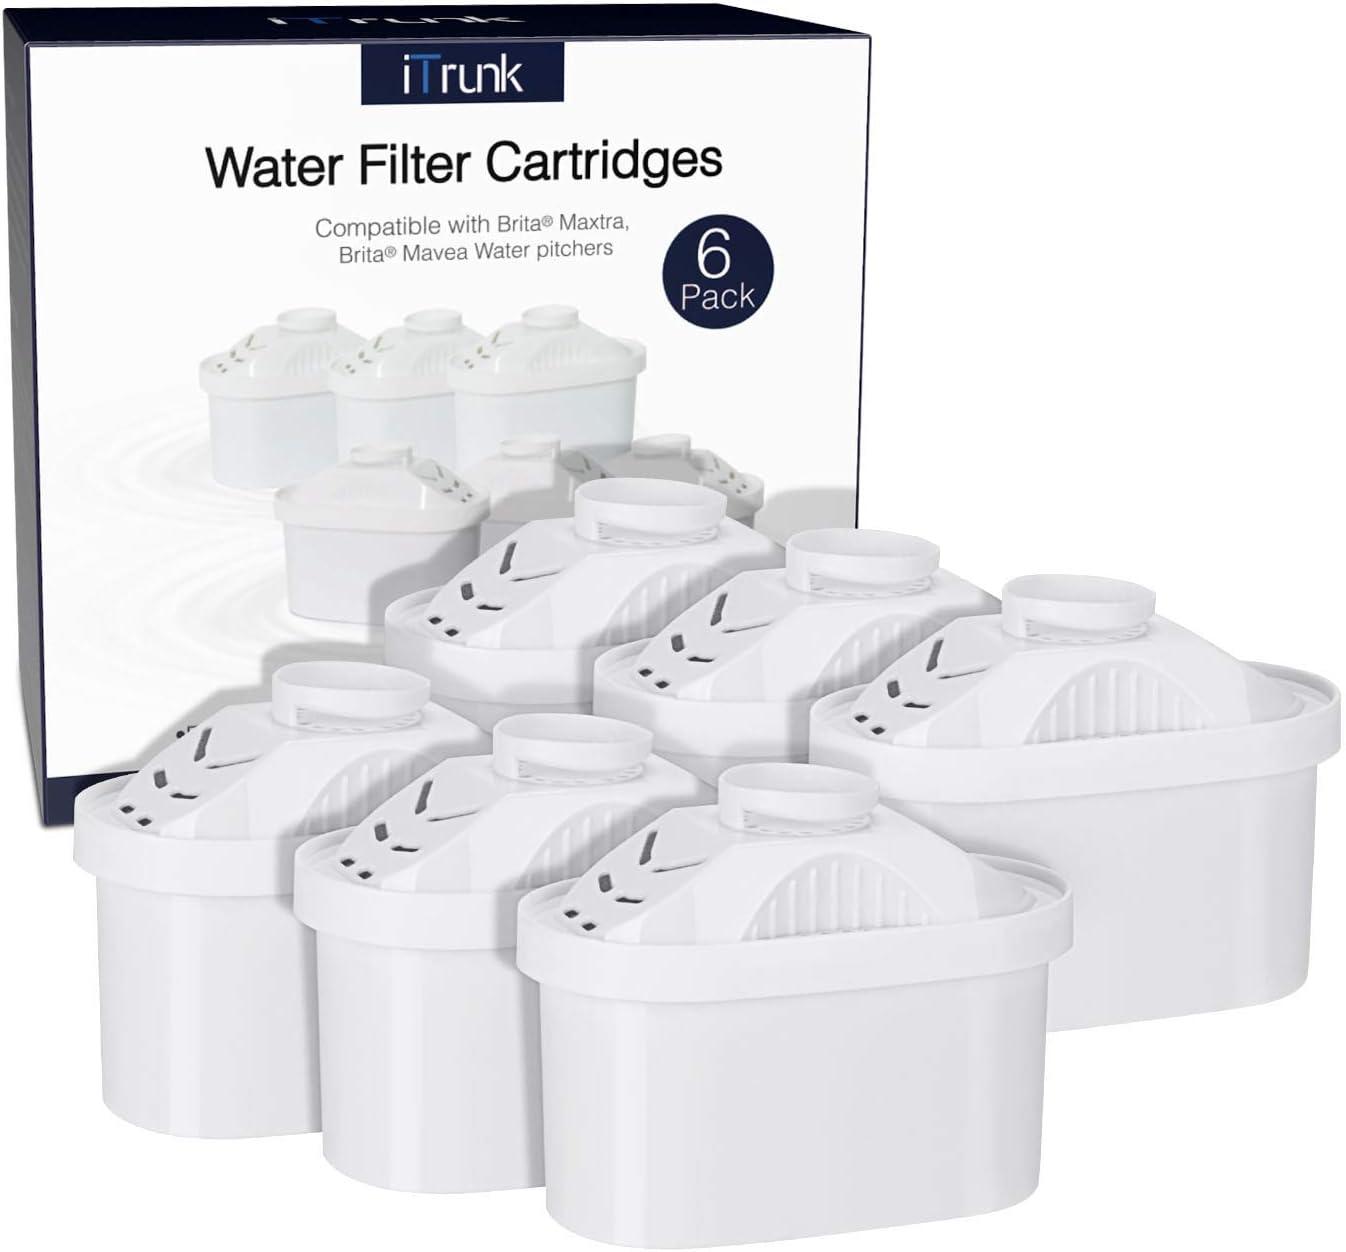 iTrunk Cartuchos de Filtro de Agua para Brita Maxtra Jugs, Paquete de 6 Brita Activated Carbon Softener, Compatible con Brita Mavea Maxtra 105731,1001122,Elemaris,Marella, Aluna Cool (no Maxtra +): Amazon.es: Hogar